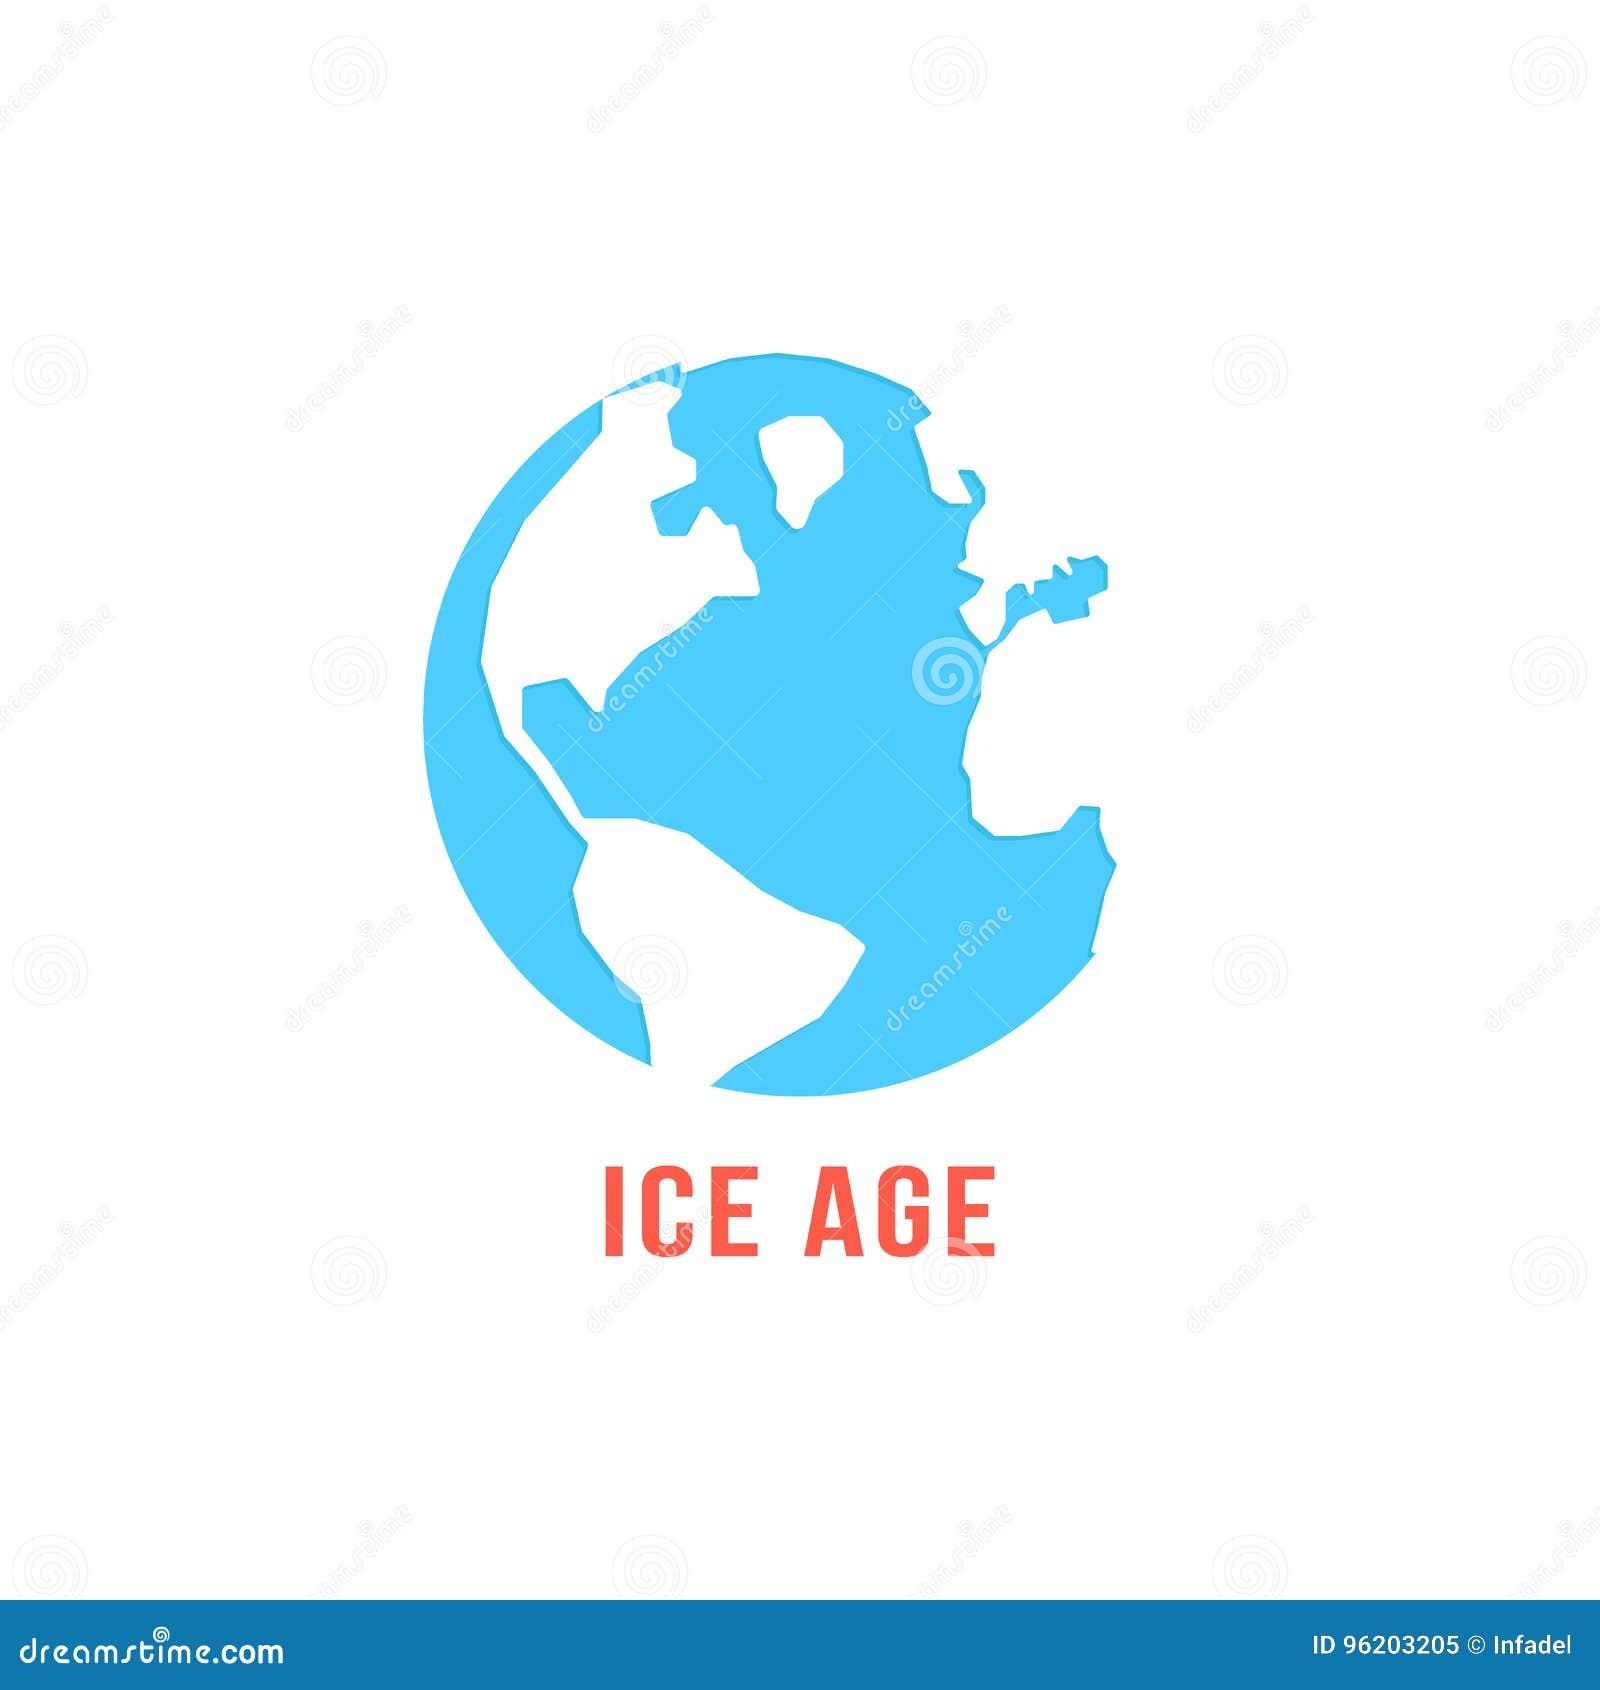 Εποχή των παγετώνων με τον μπλε πλανήτη Γη